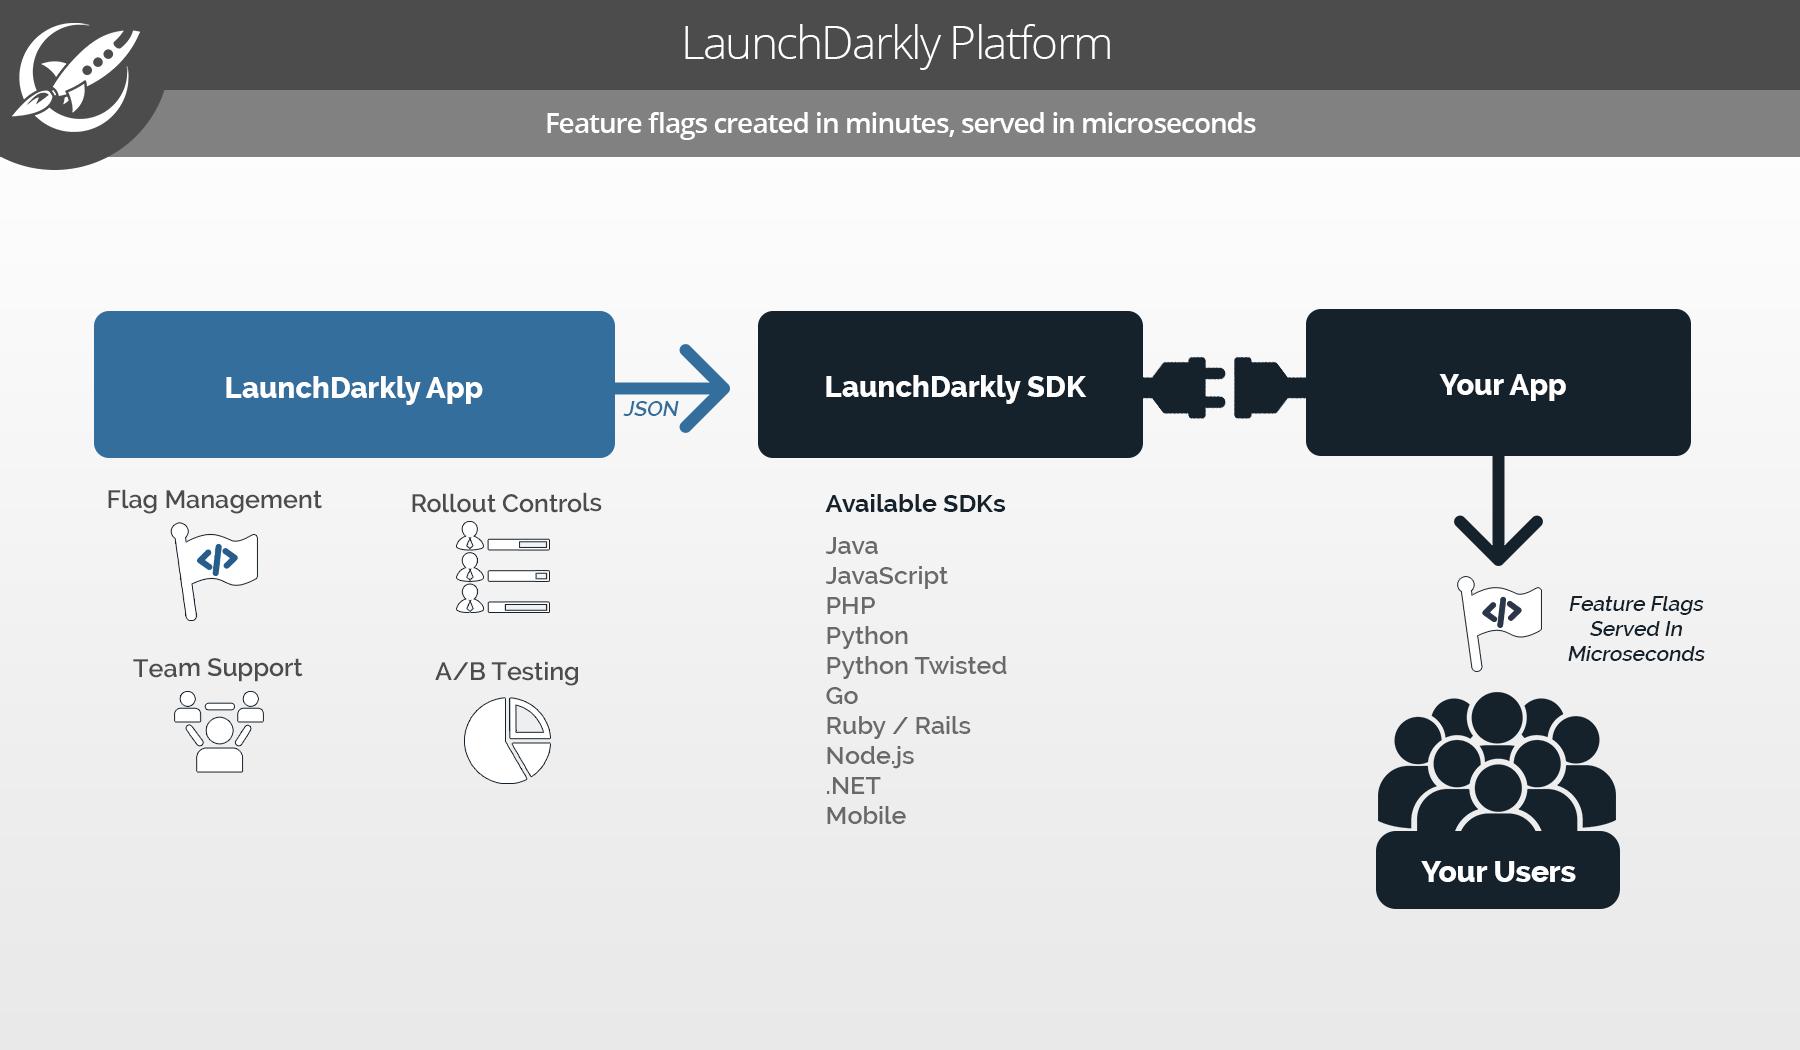 LaunchDarkly Platform